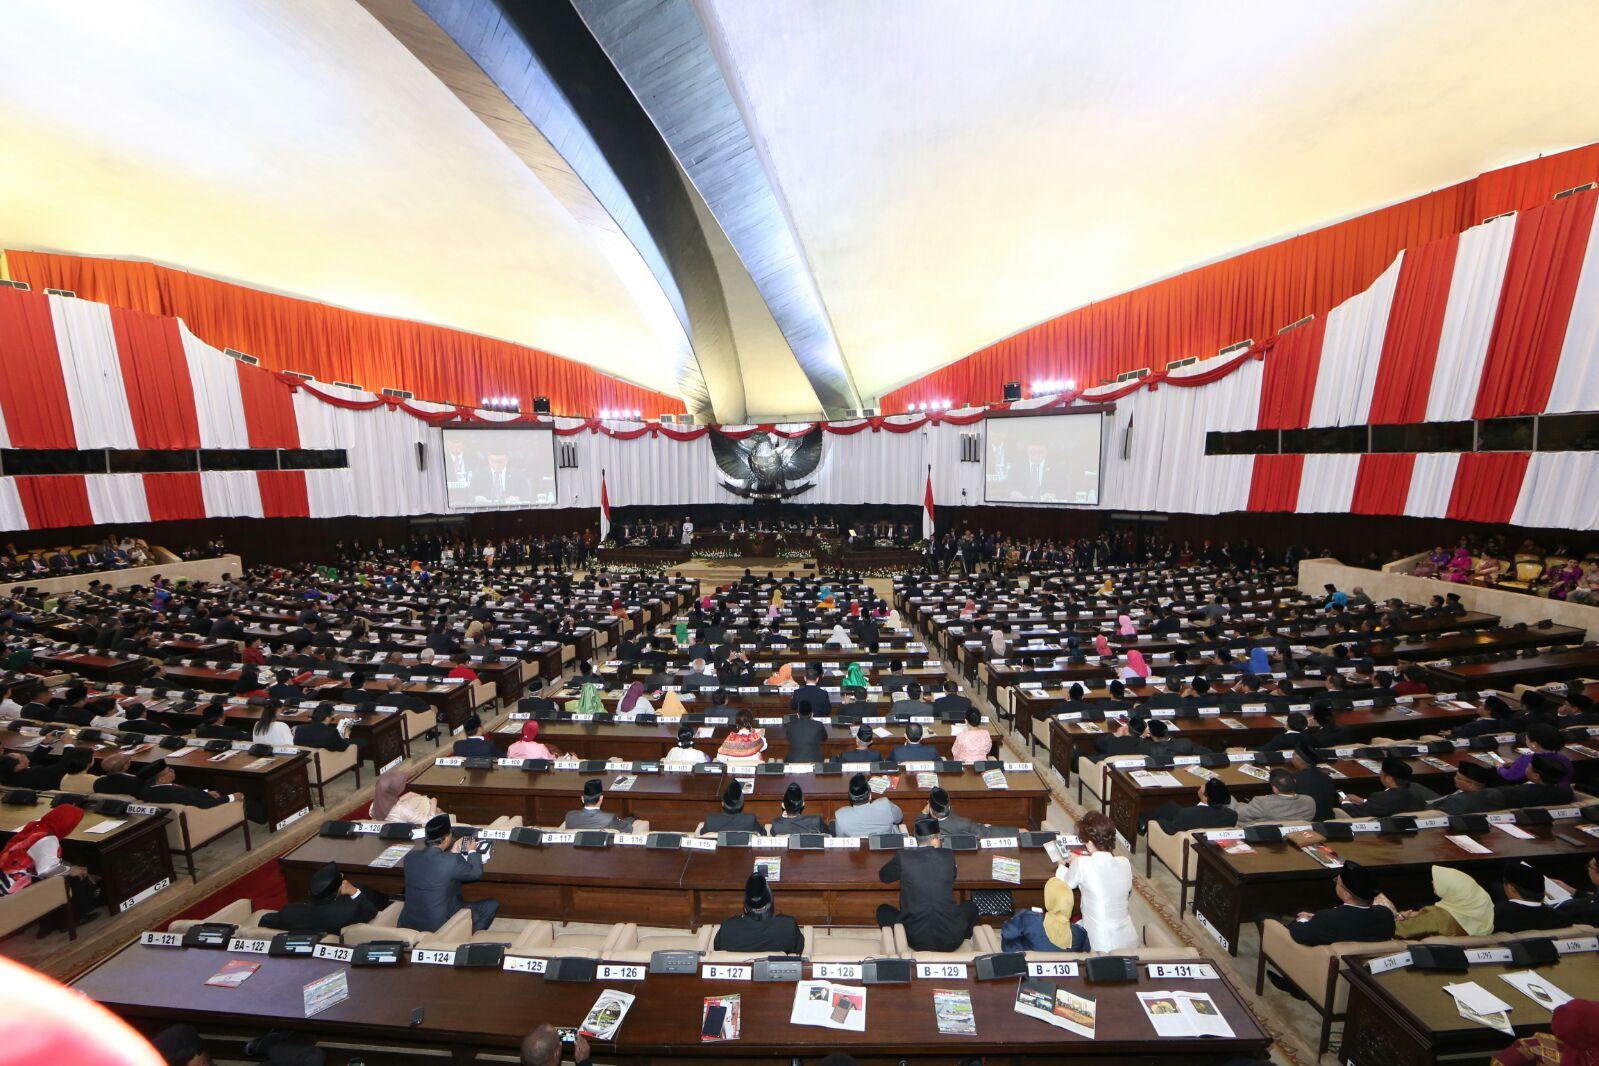 Tugas Wewenang Fungsi Hak Dan Kewajiban Lembaga Pemerintah Di